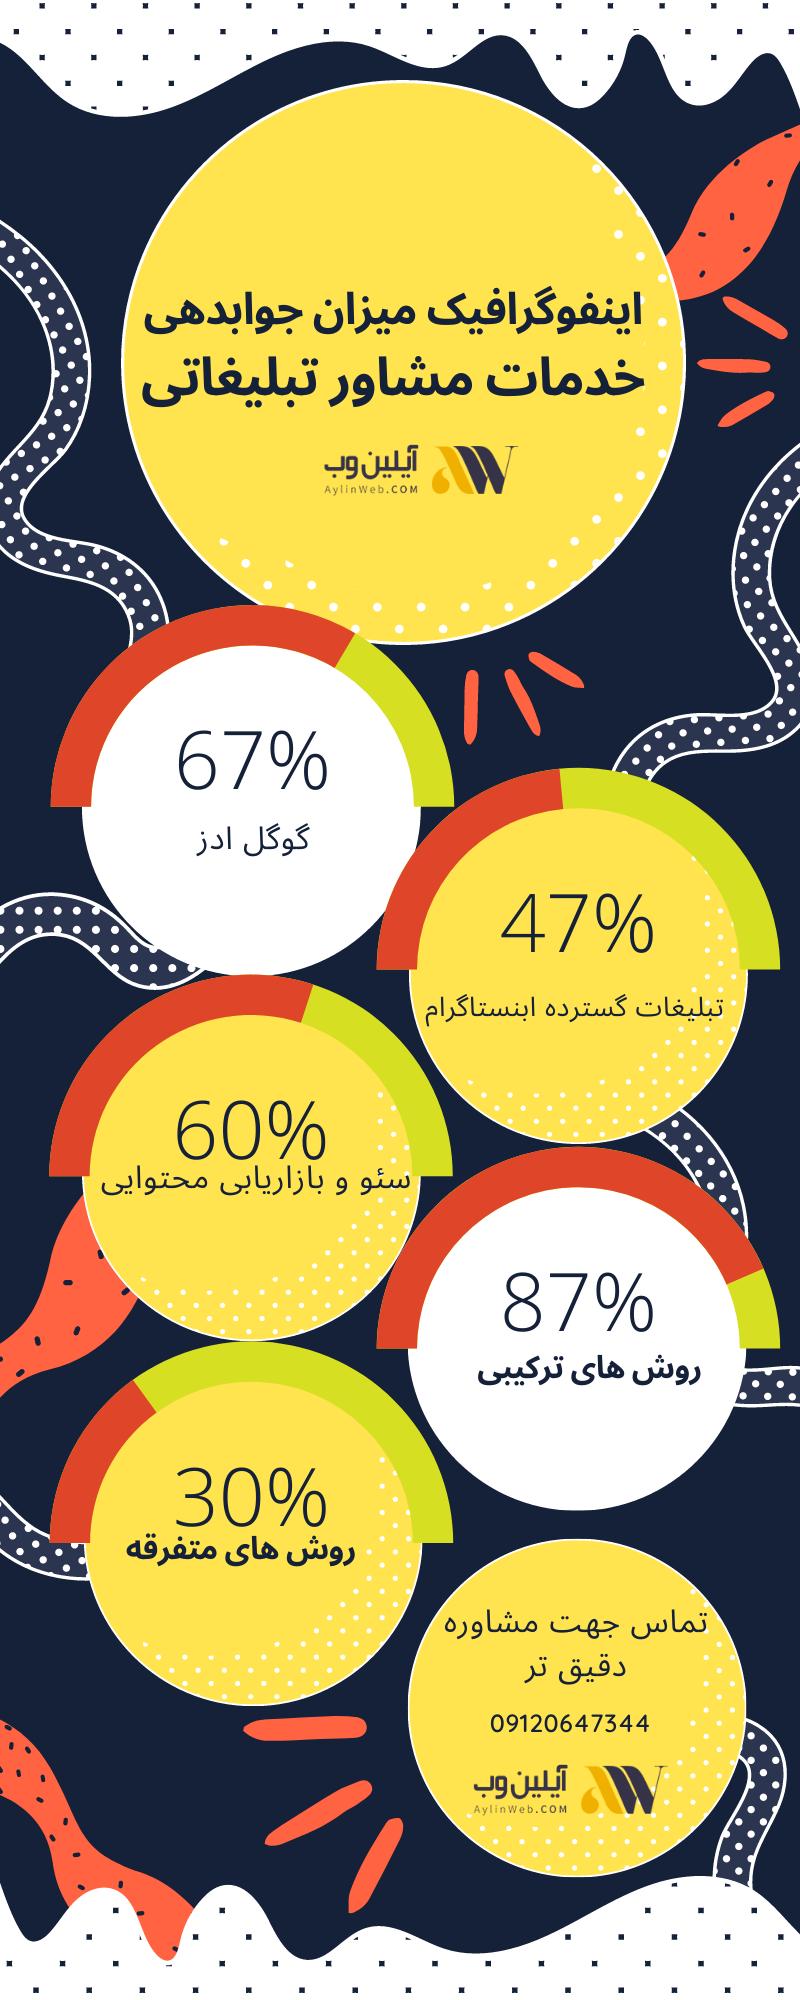 اینفوگرافیک میزان جوابدهی خدمات مشاور تبلیغاتی